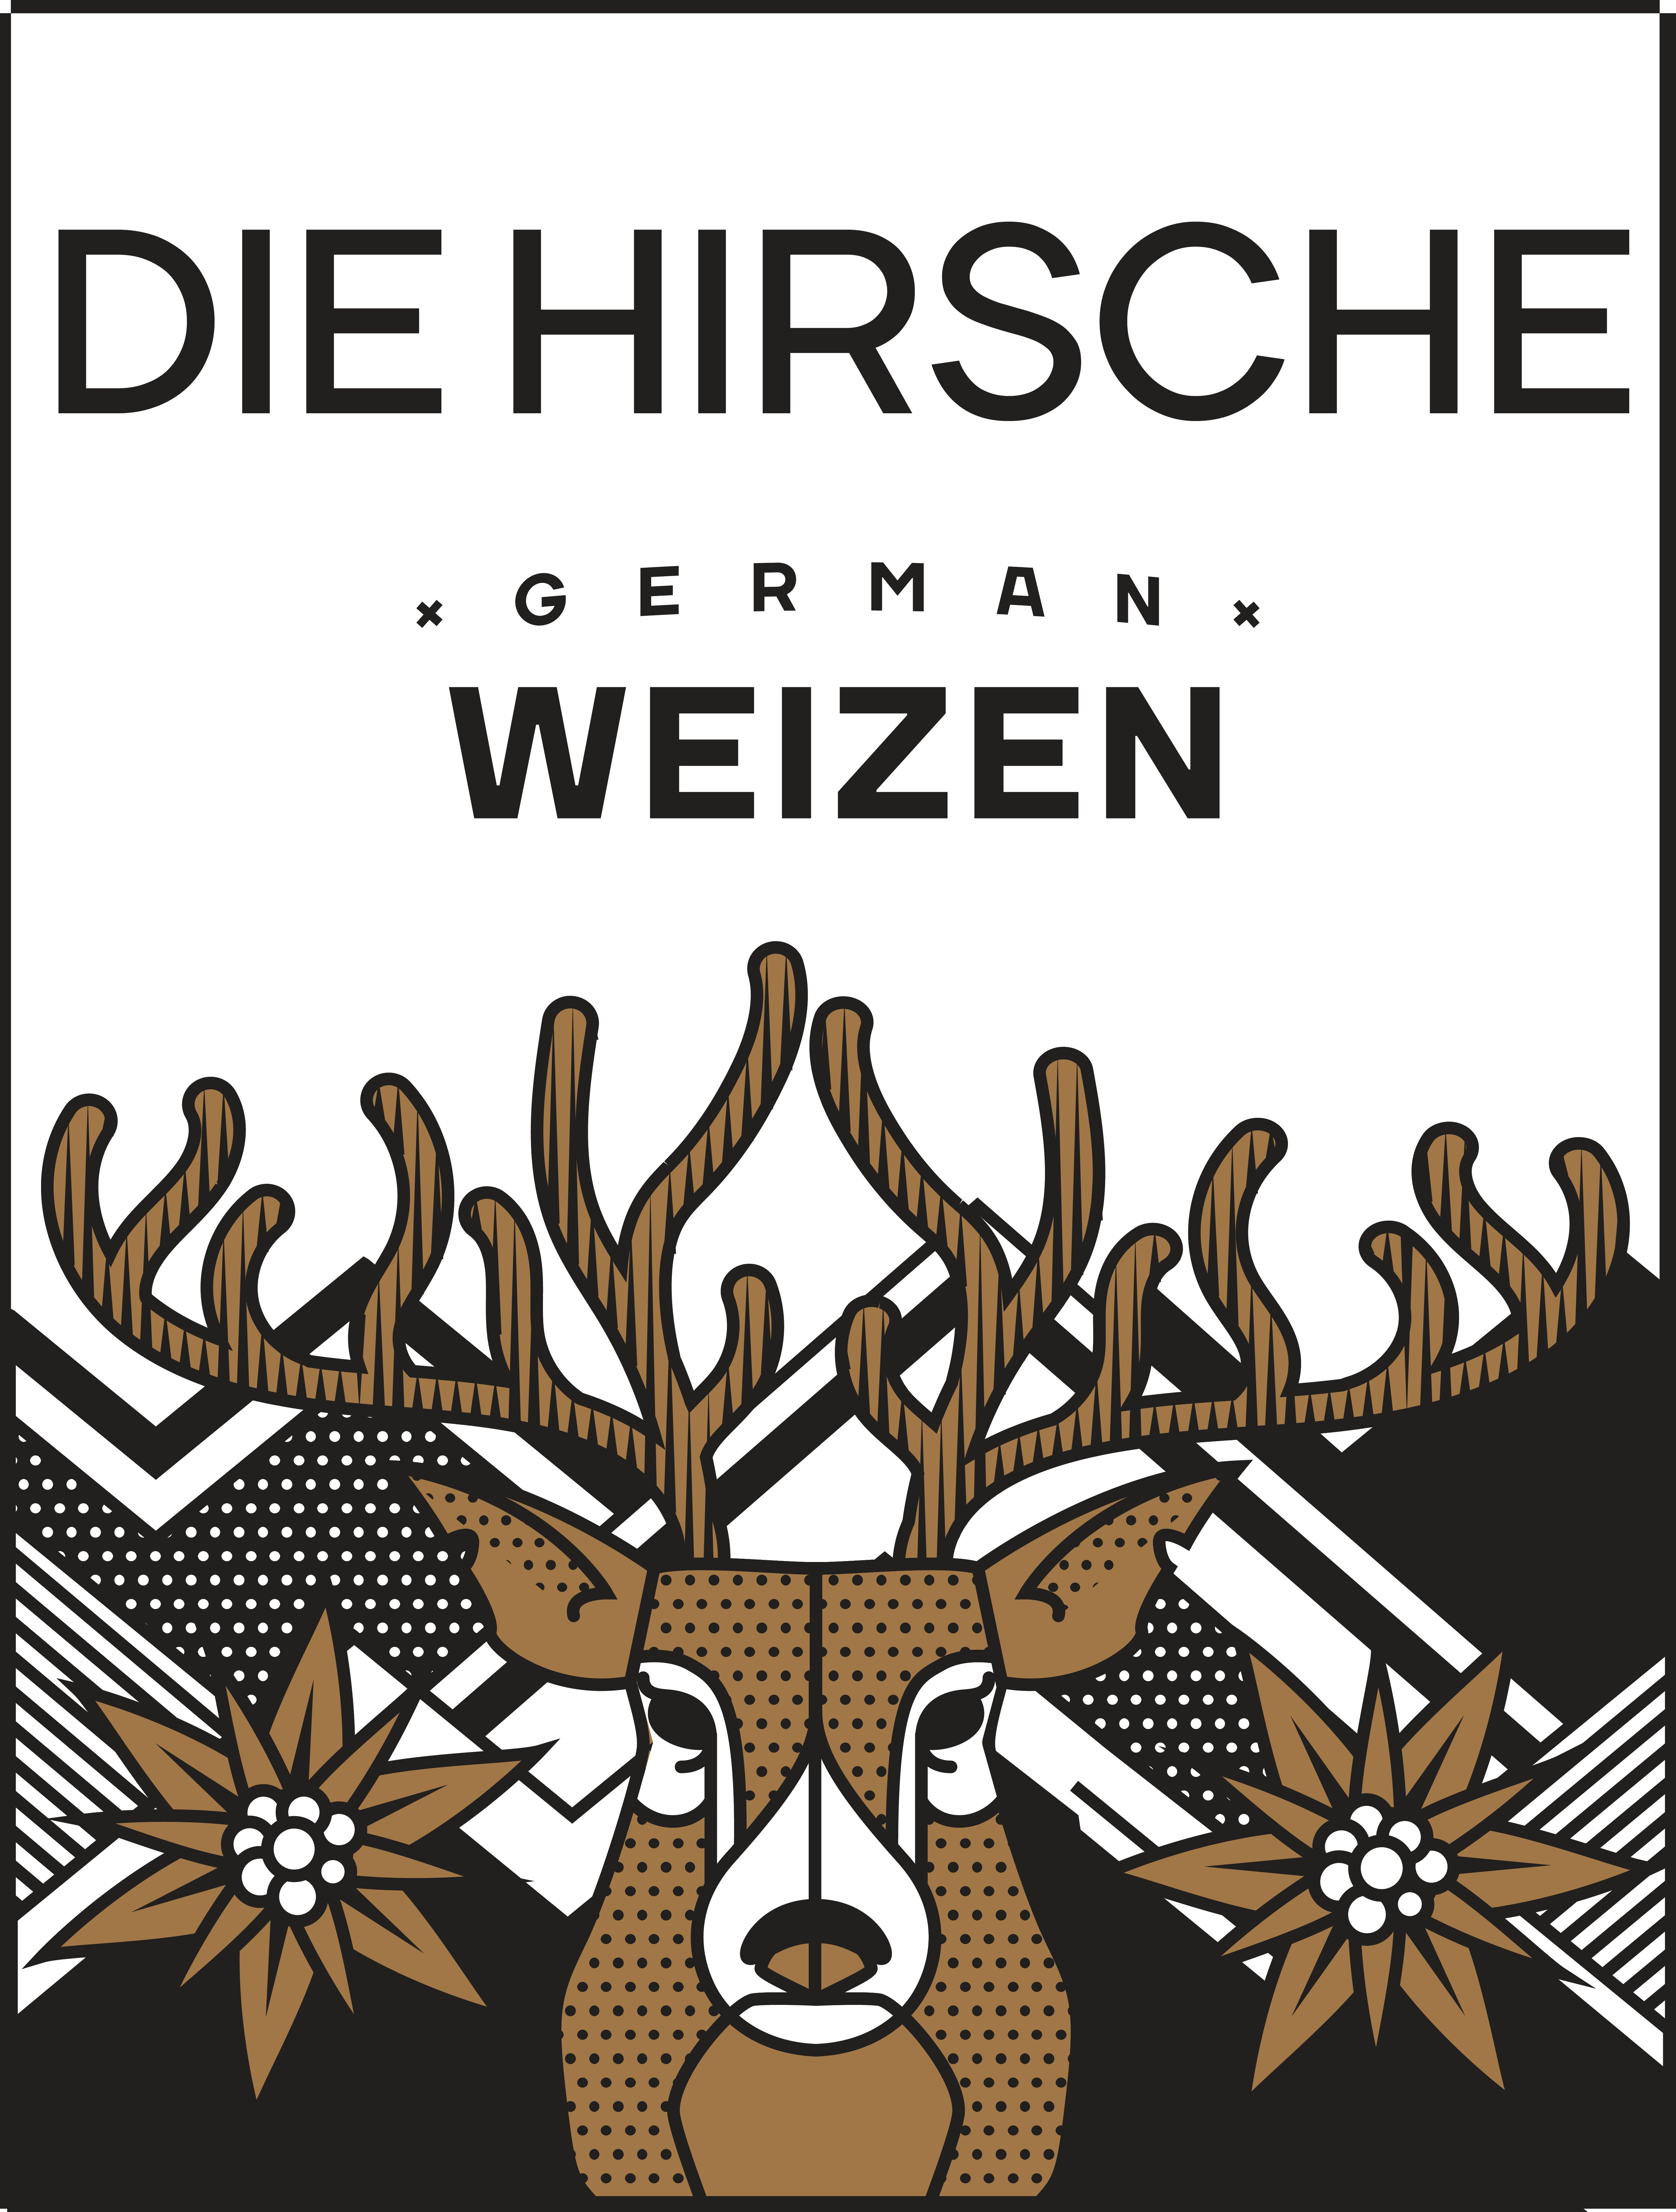 4 Pack [473 cc] - Die Hirsche German Weizen